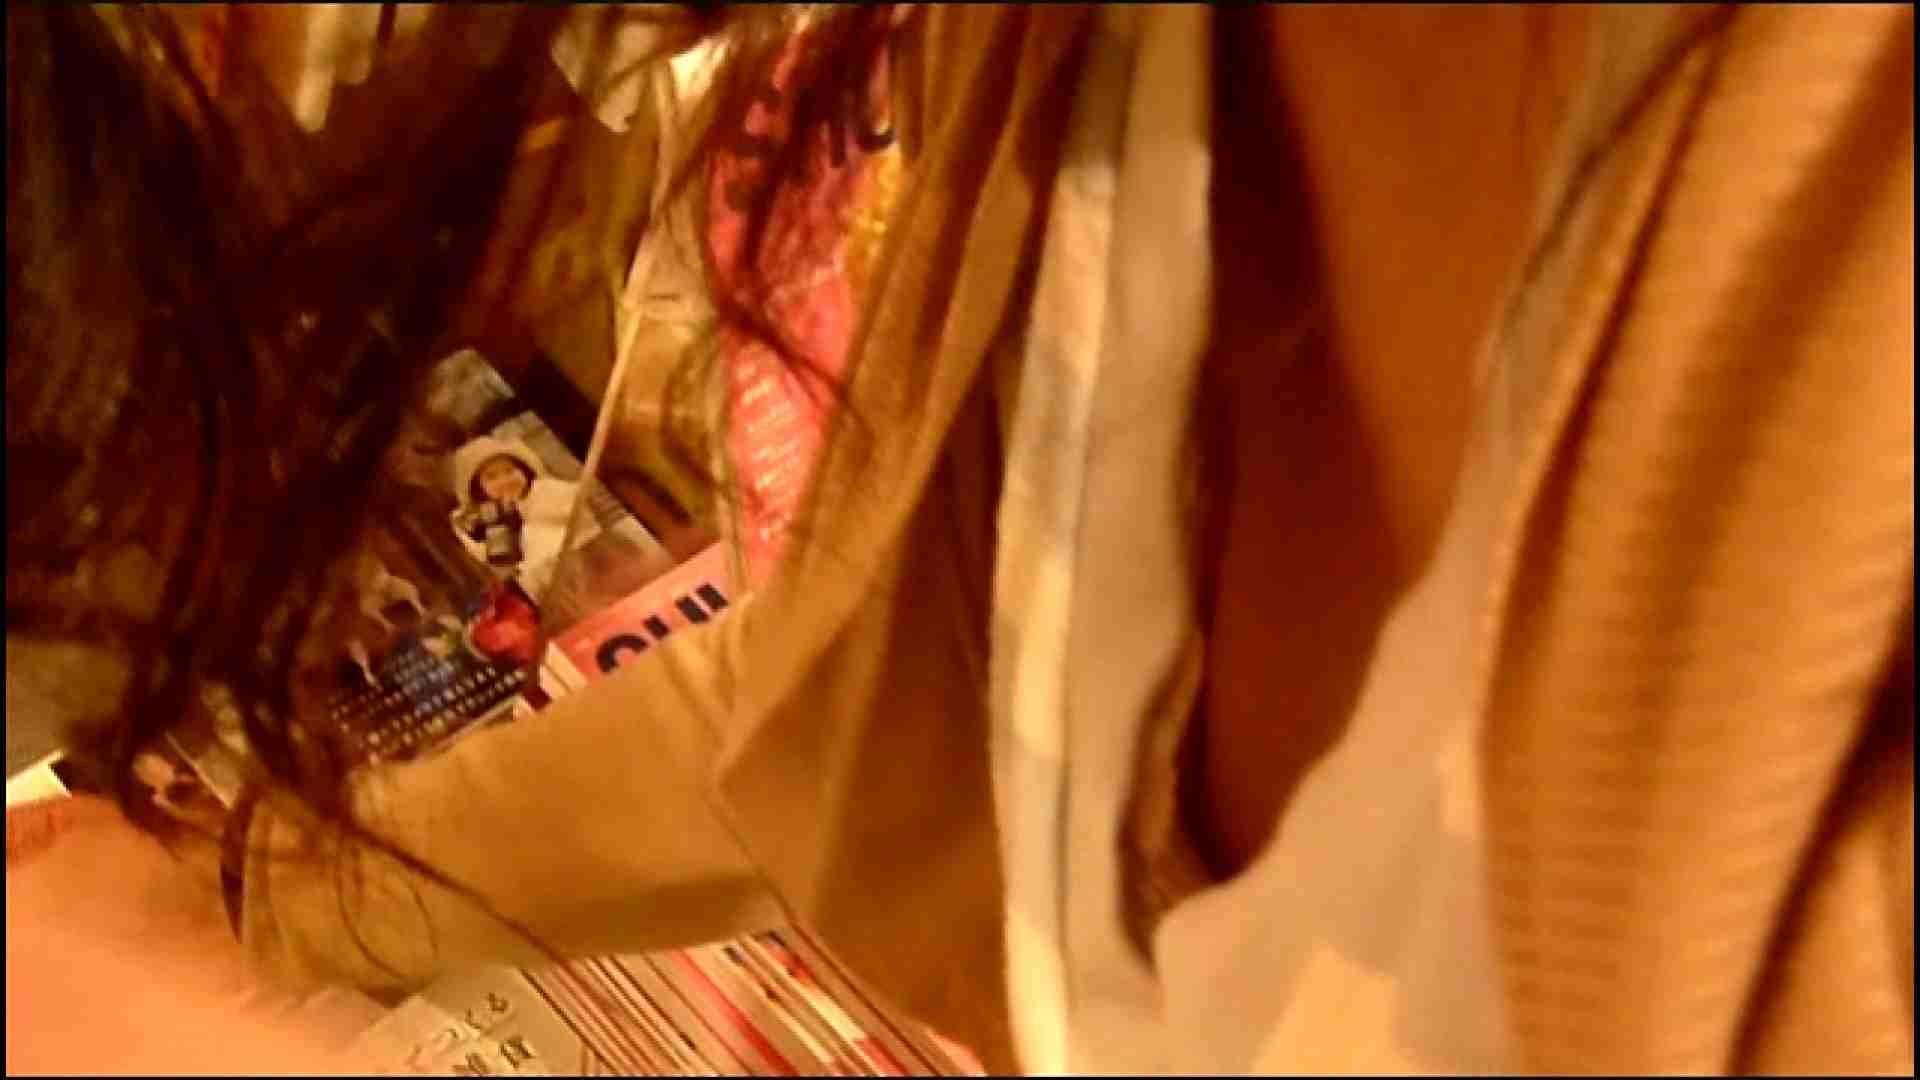 NO.3 某イオNN店内のエレベーター前でケータイに夢中な女の子 チラ見   ギャル達  102枚 13